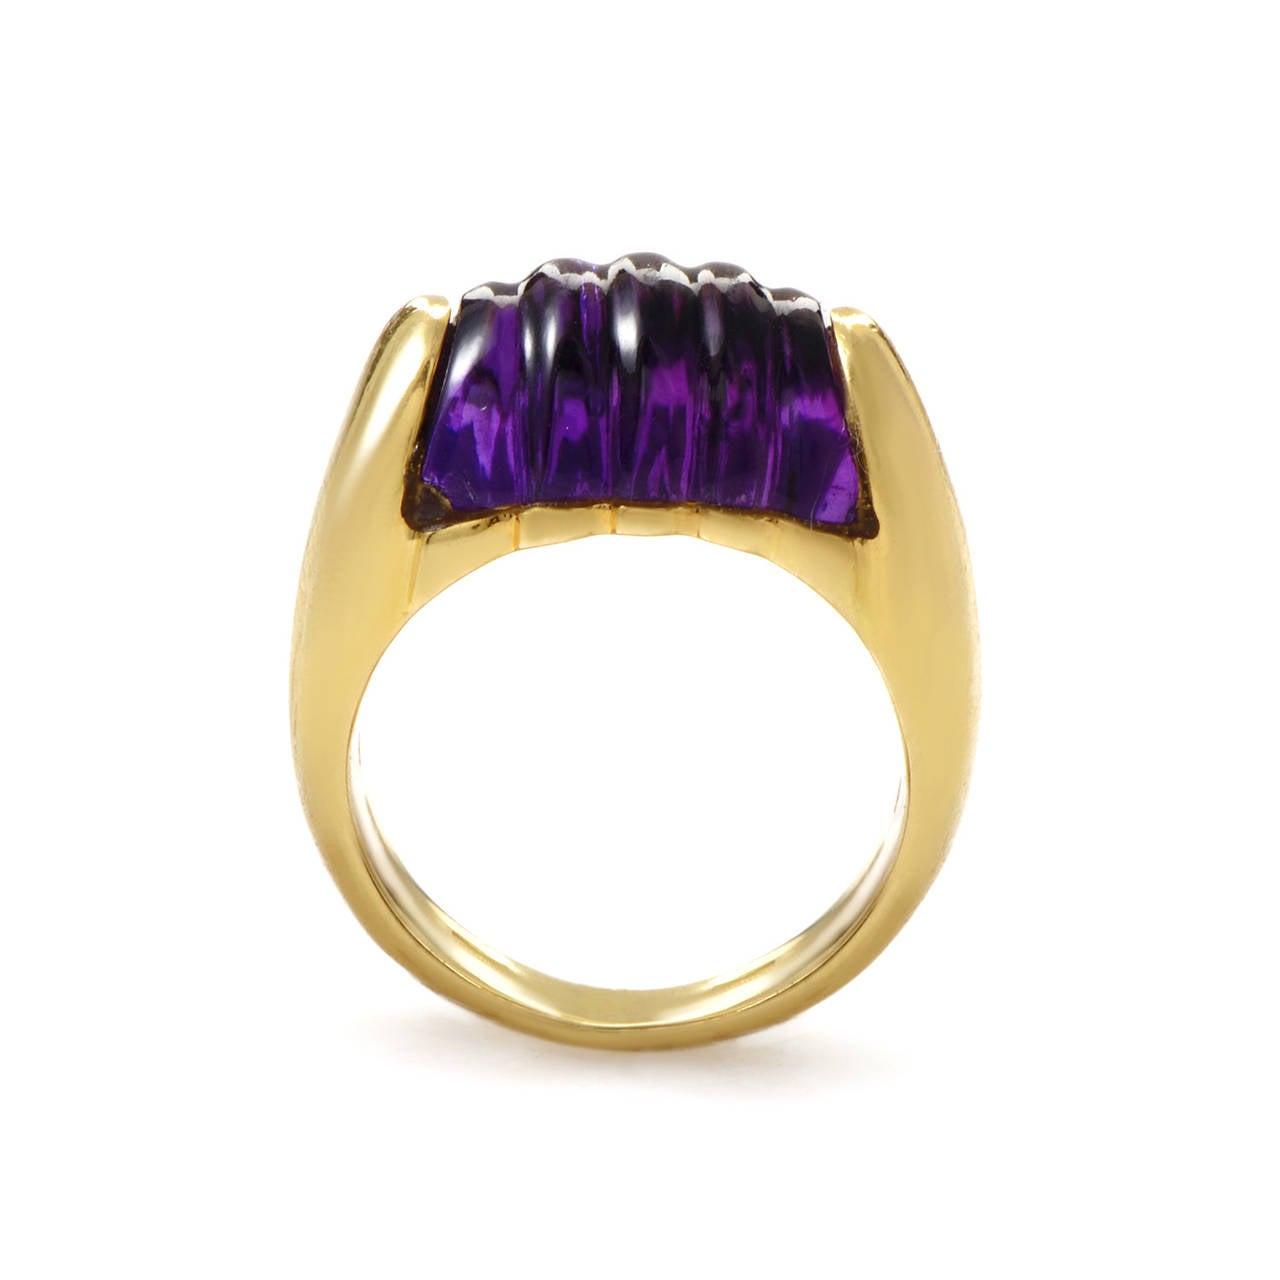 bulgari tronchetto amethyst gold band ring 2